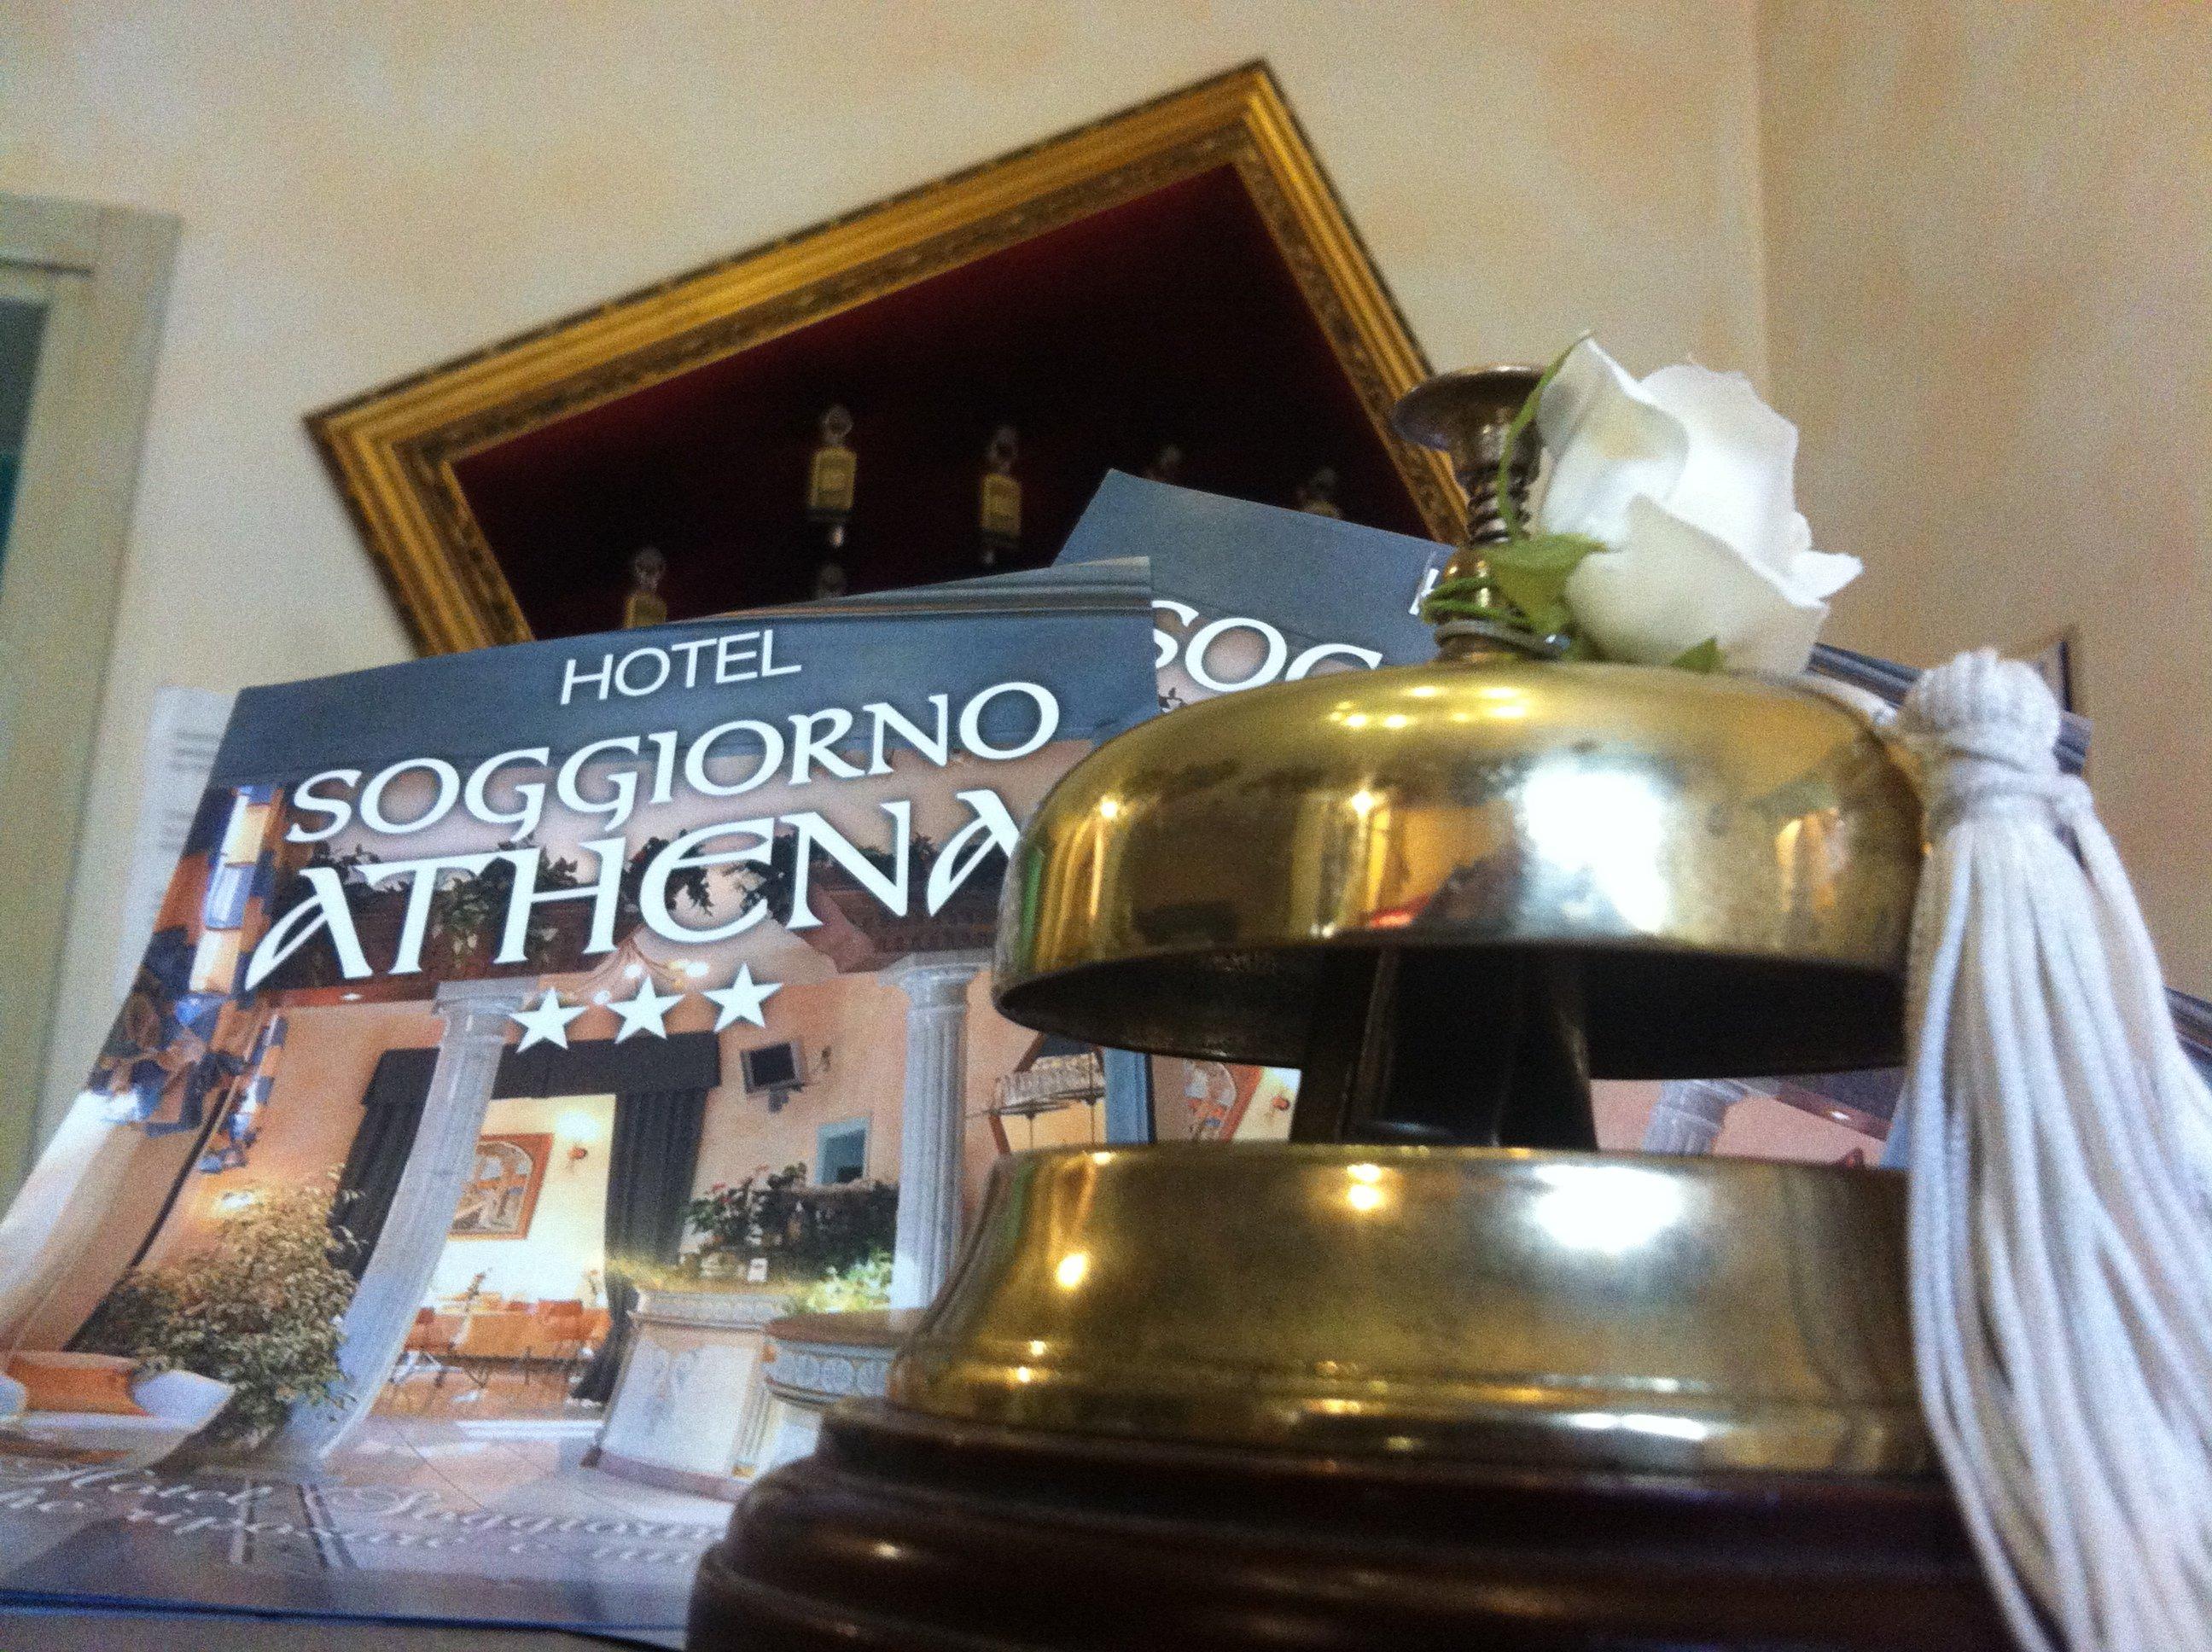 Hotel Soggiorno Athena in Pisa – HOTEL DE